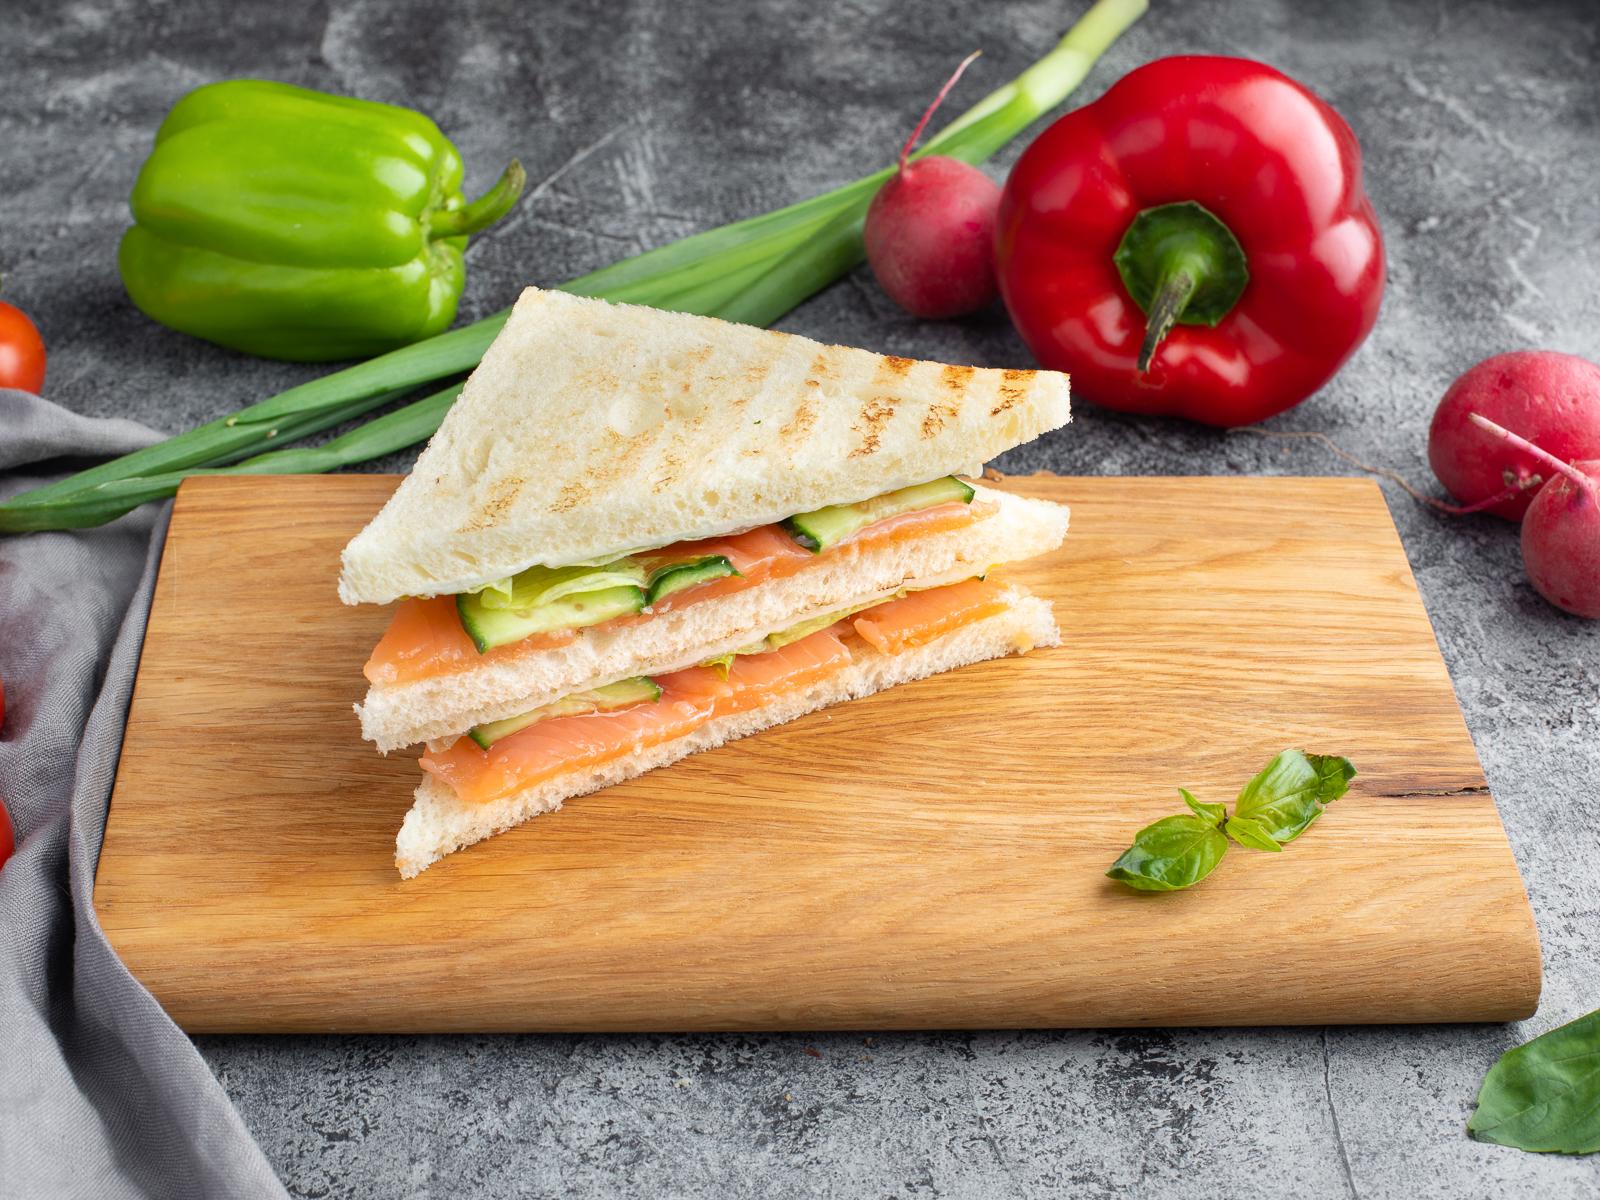 Сэндвич с семгой и филадельфией